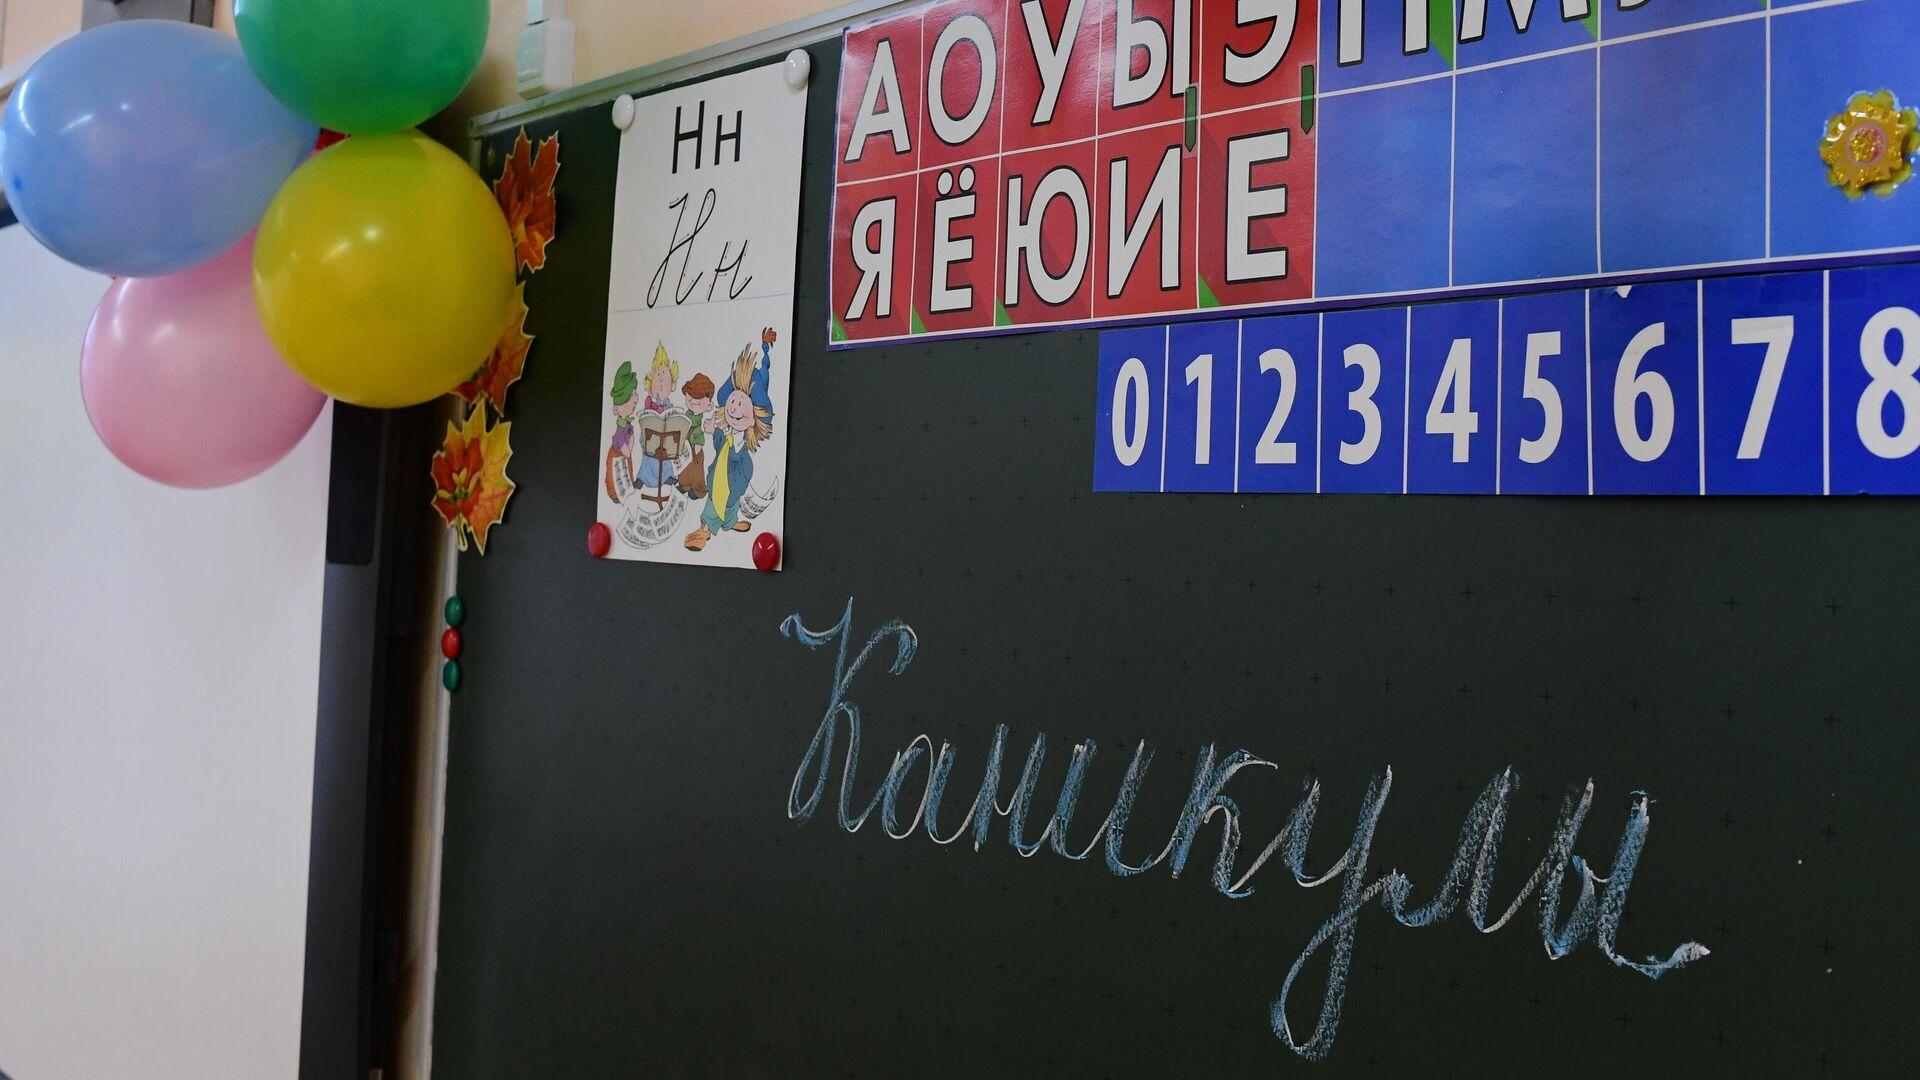 Надпись Каникулы на школьной доске в учебном классе в московской школе № 2127 - РИА Новости, 1920, 12.11.2020